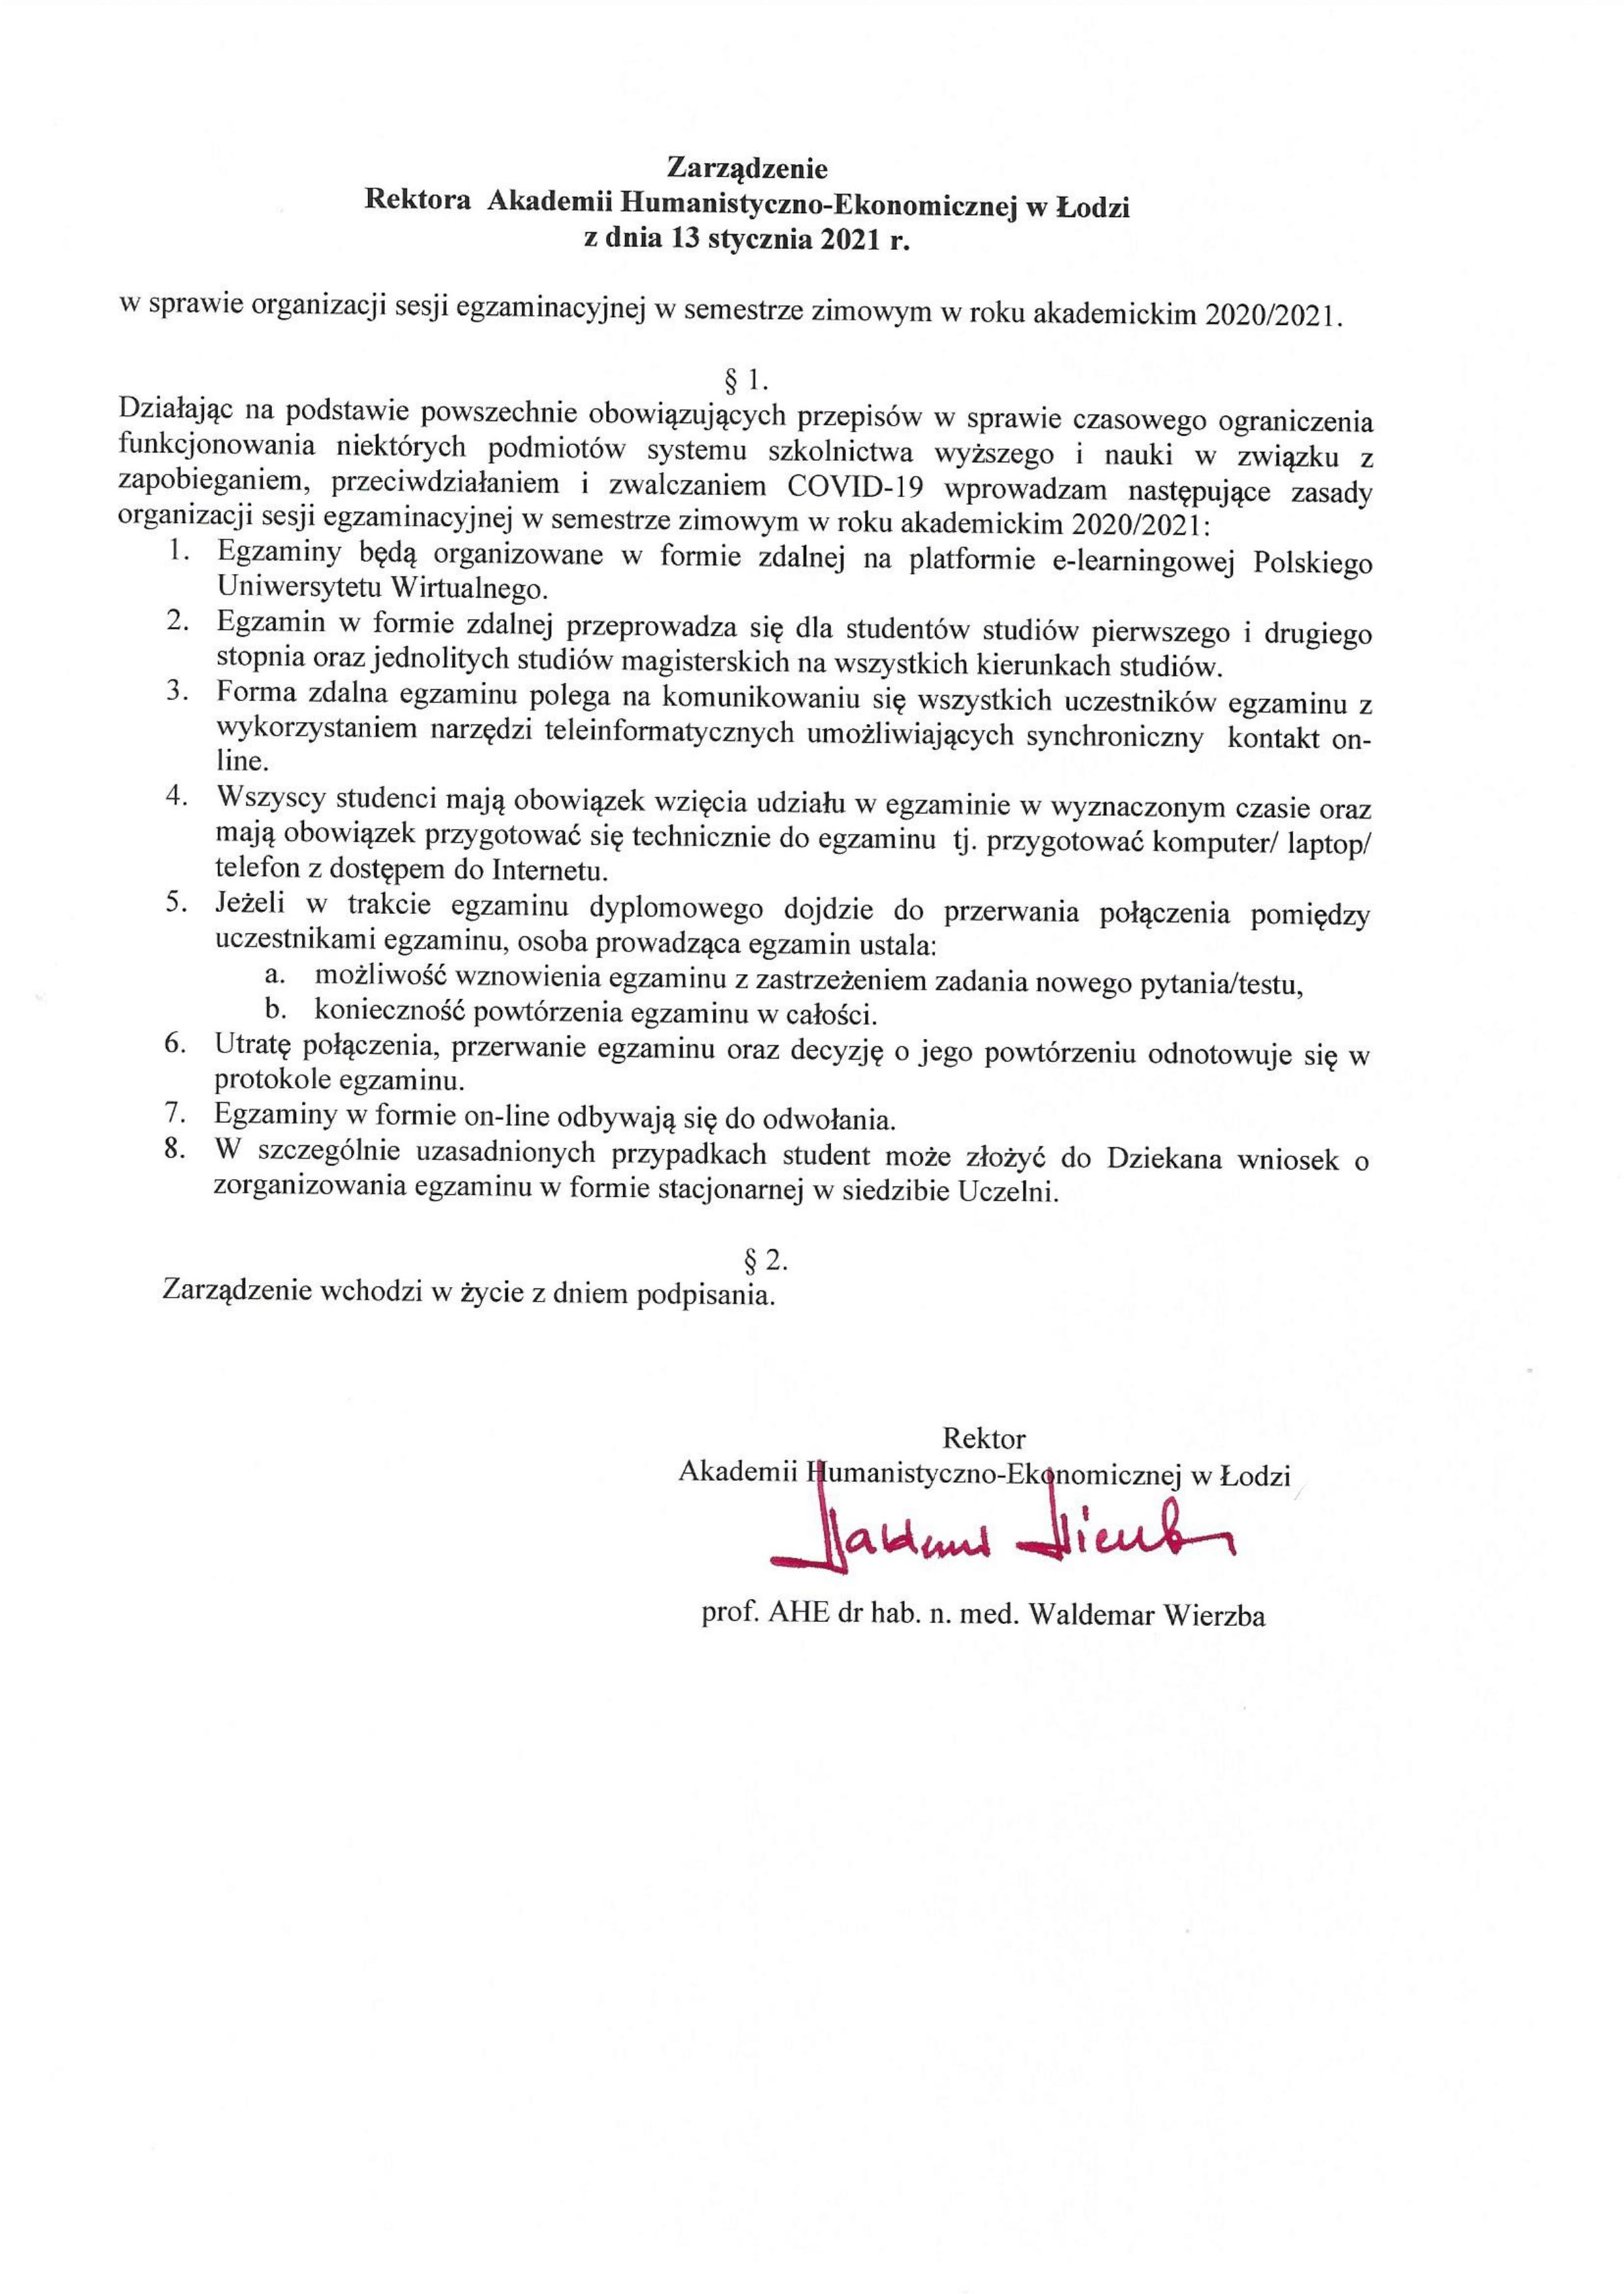 Zarządzenia Rektora dot. sesji i organizacji zajęć dydaktycznych